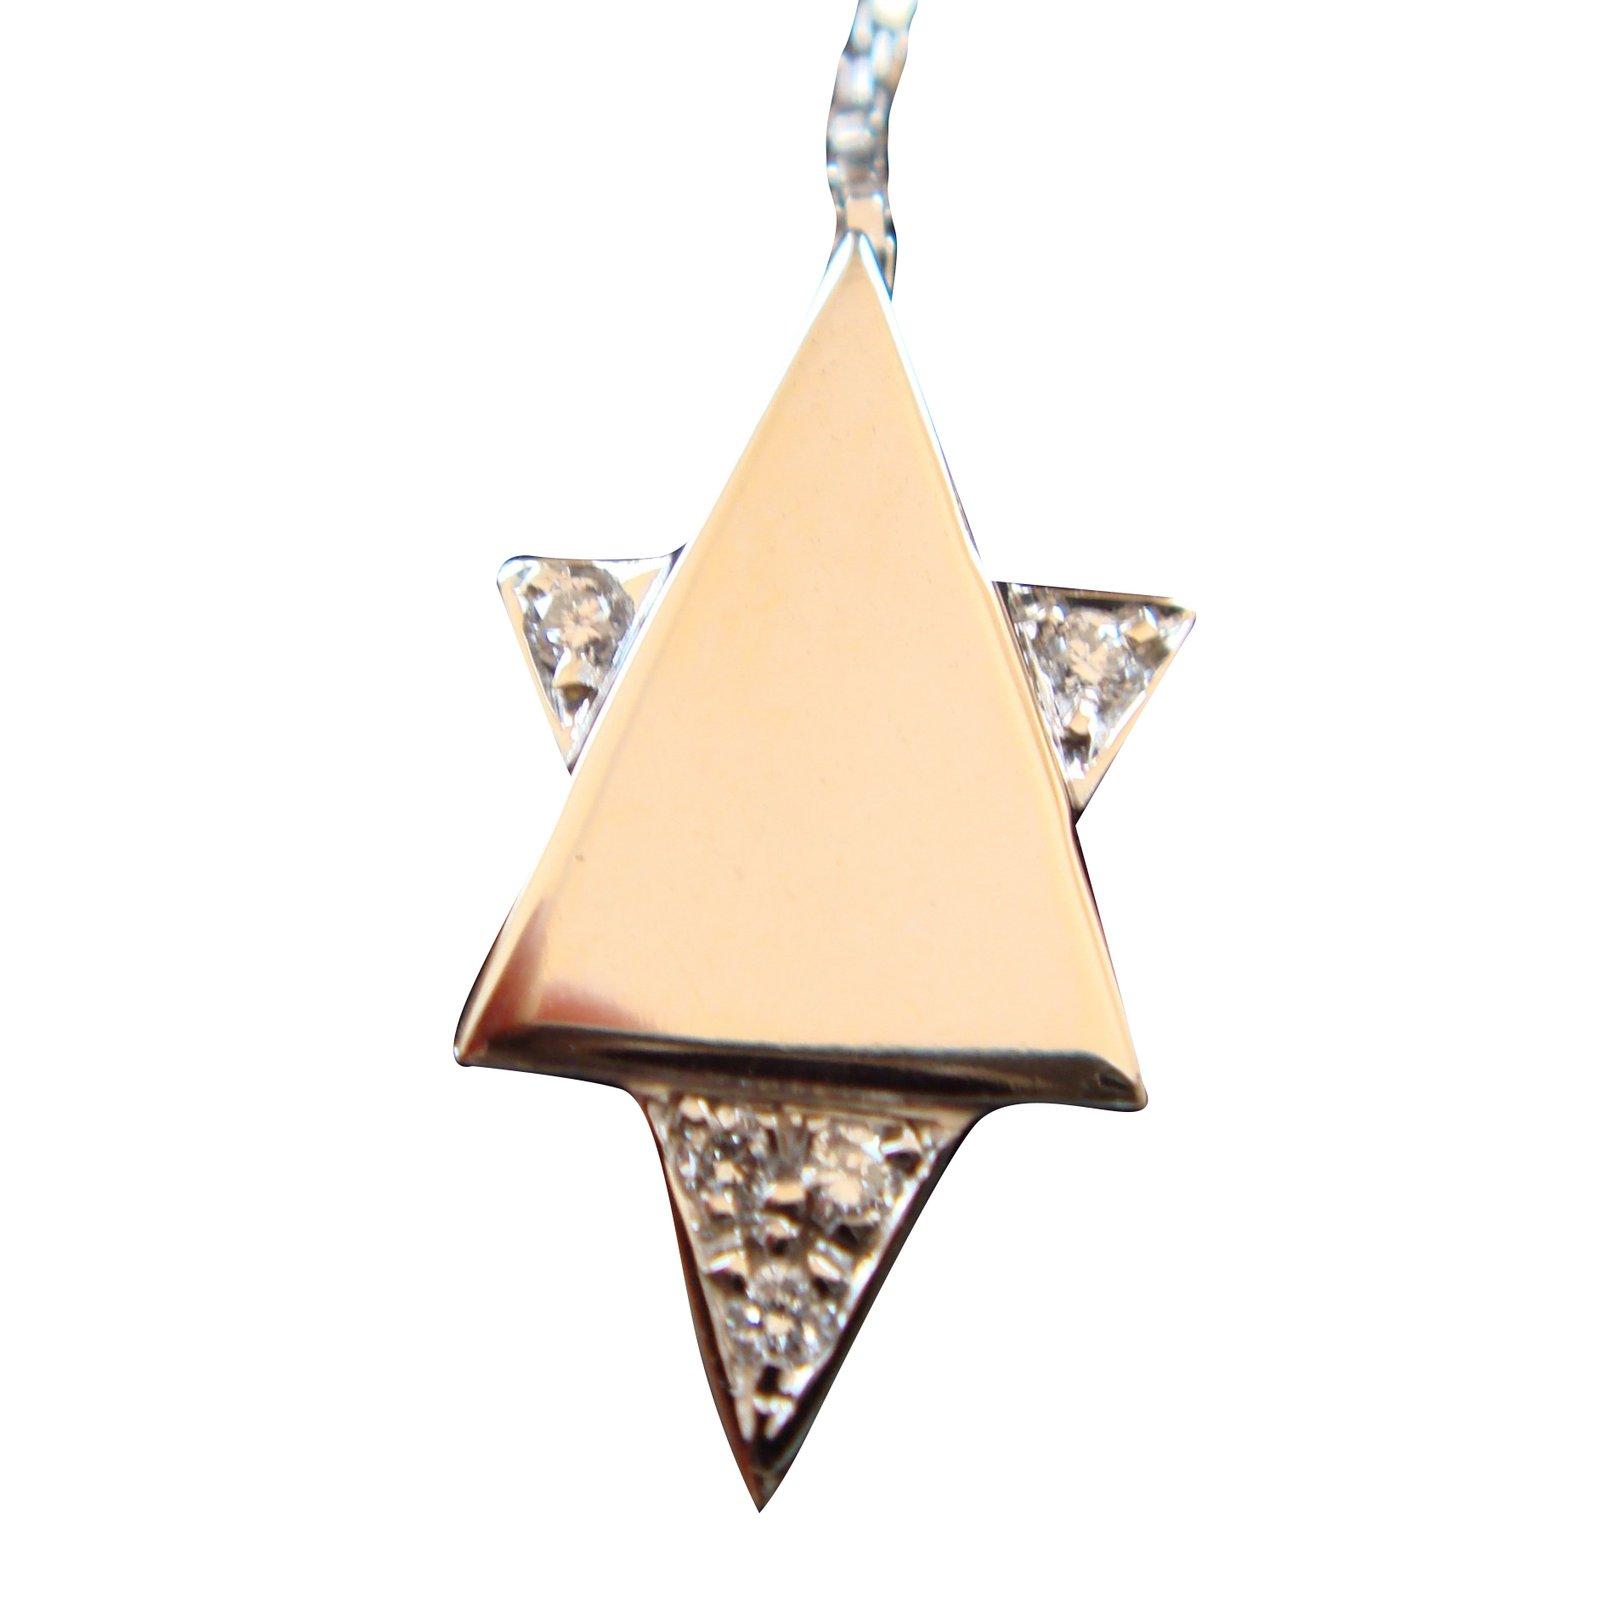 Gucci pendant necklace pendant necklaces white gold silvery ref gucci pendant necklace pendant necklaces white gold silvery ref37596 mozeypictures Choice Image